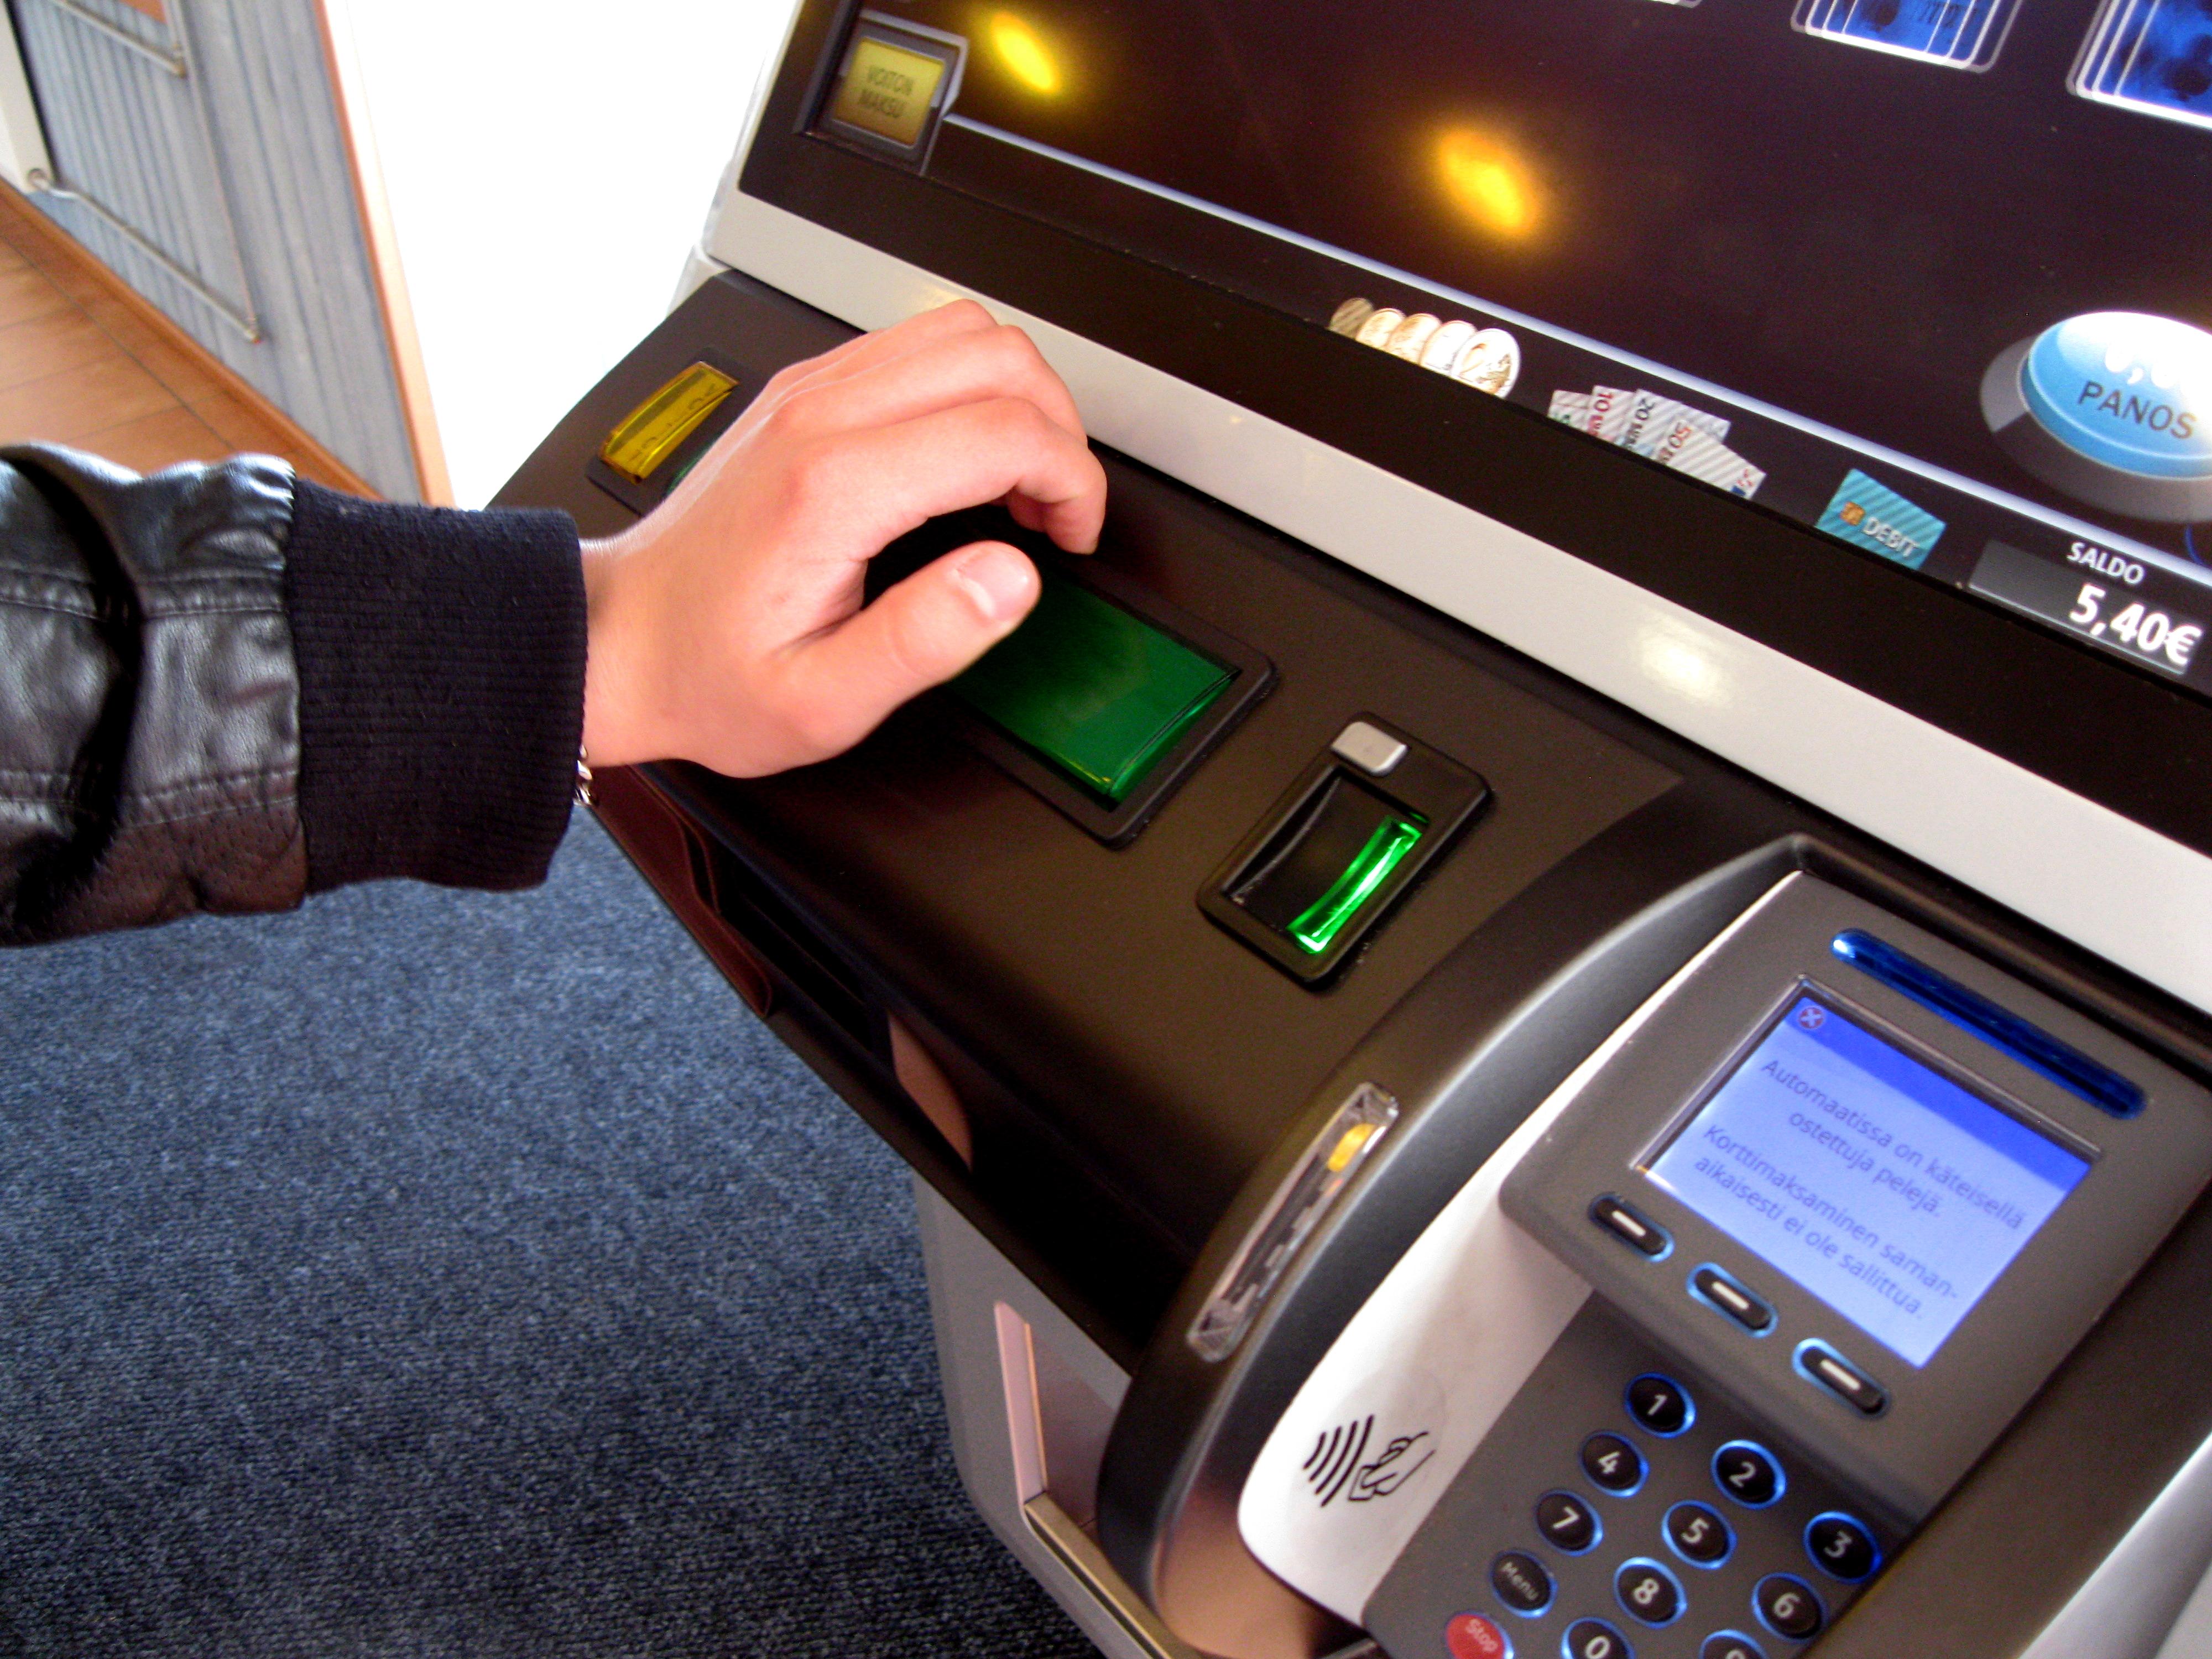 Playing slot machine.jpg Suomi: Uhkapelien pelaaja pelaamassa RAY:n Pikapokeria. English: Player playing slot machine poker game. Date 31 May 2016